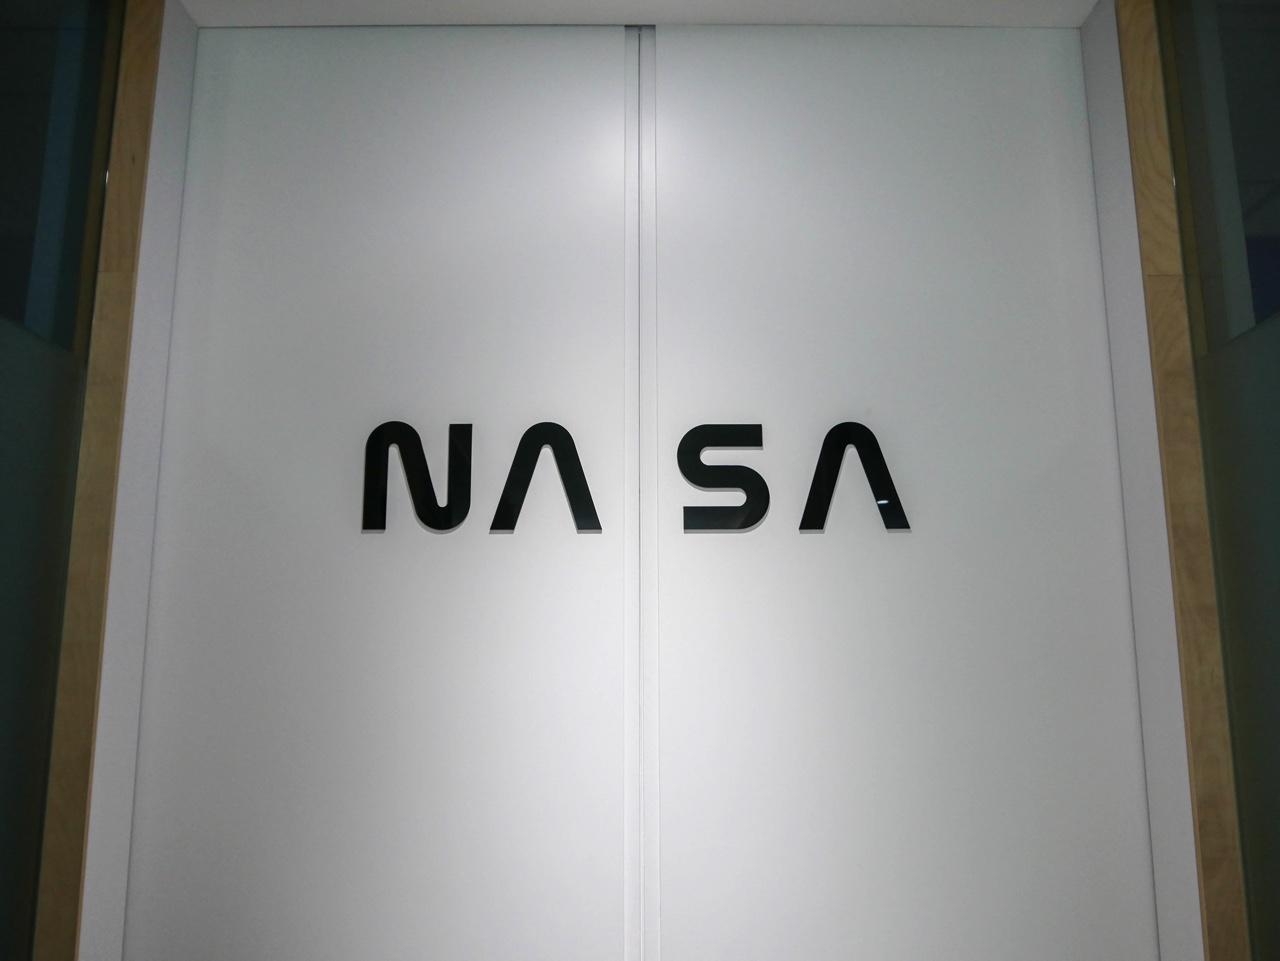 会議室NASAの扉